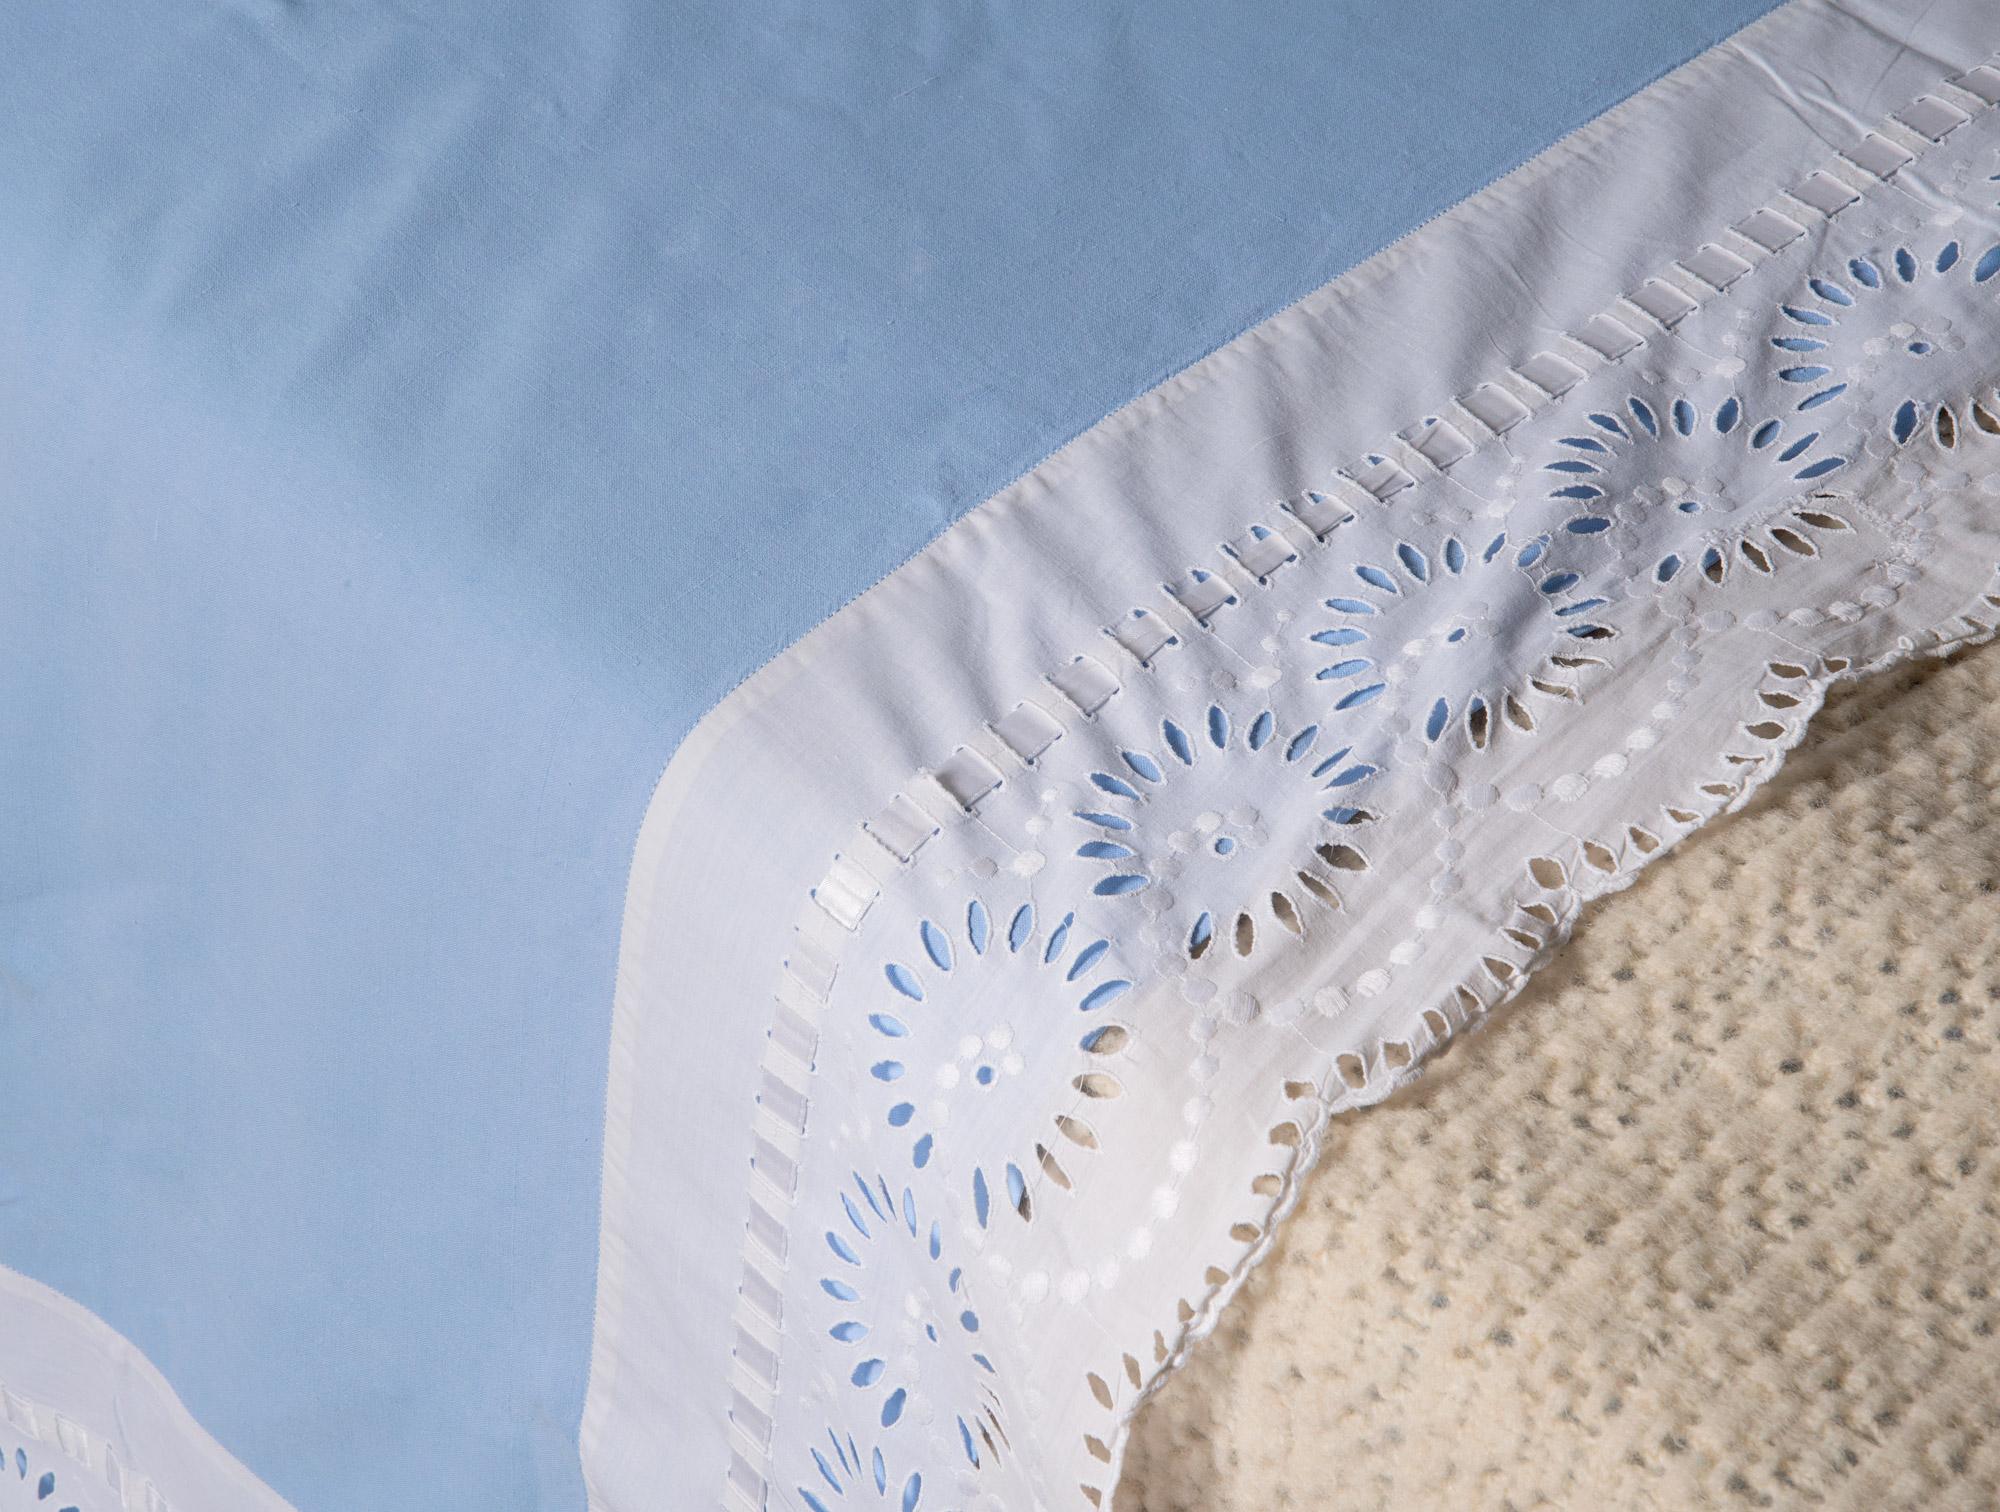 drap bleu avec broderie anglaise soubrier louer tissus drap xxe. Black Bedroom Furniture Sets. Home Design Ideas